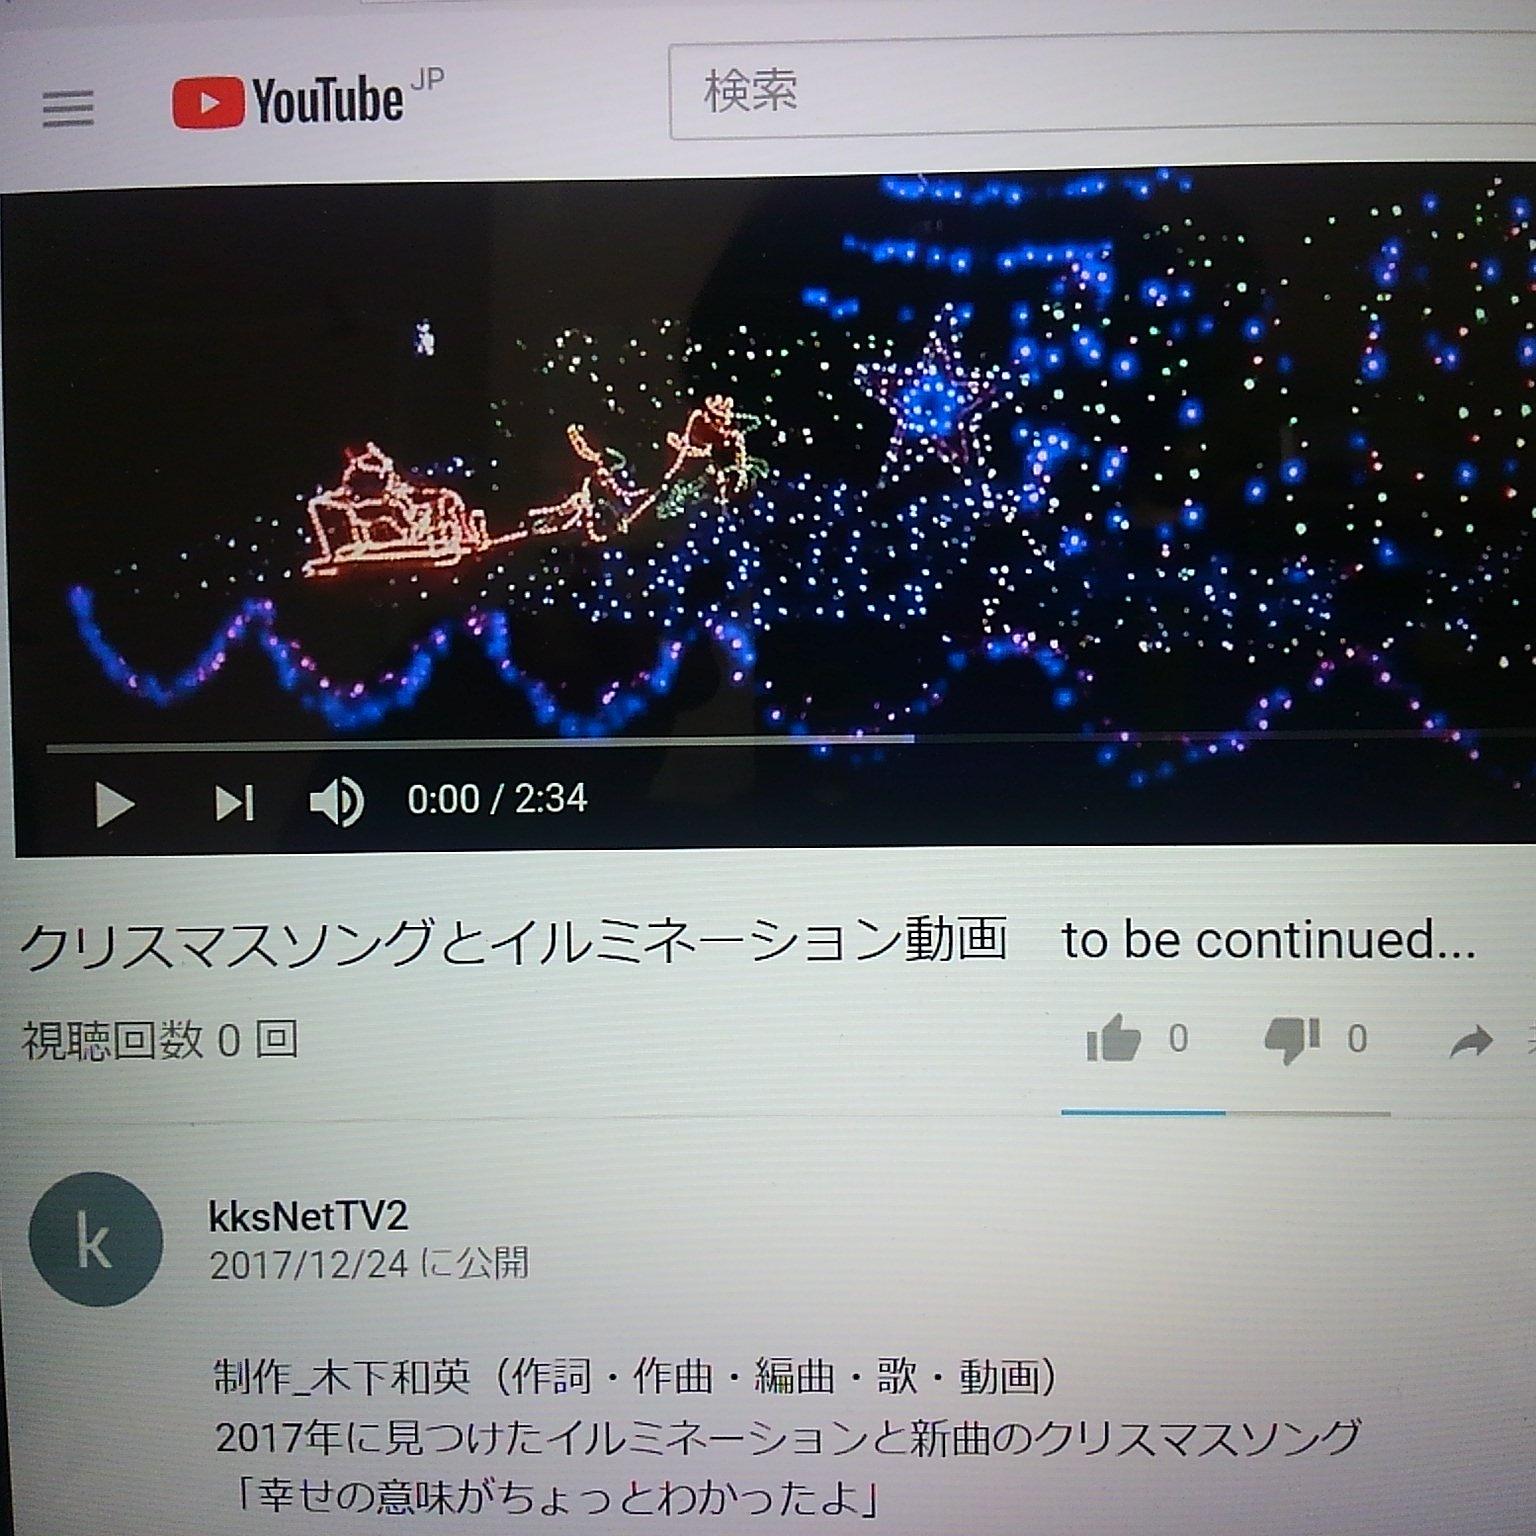 クリスマスソングと動画